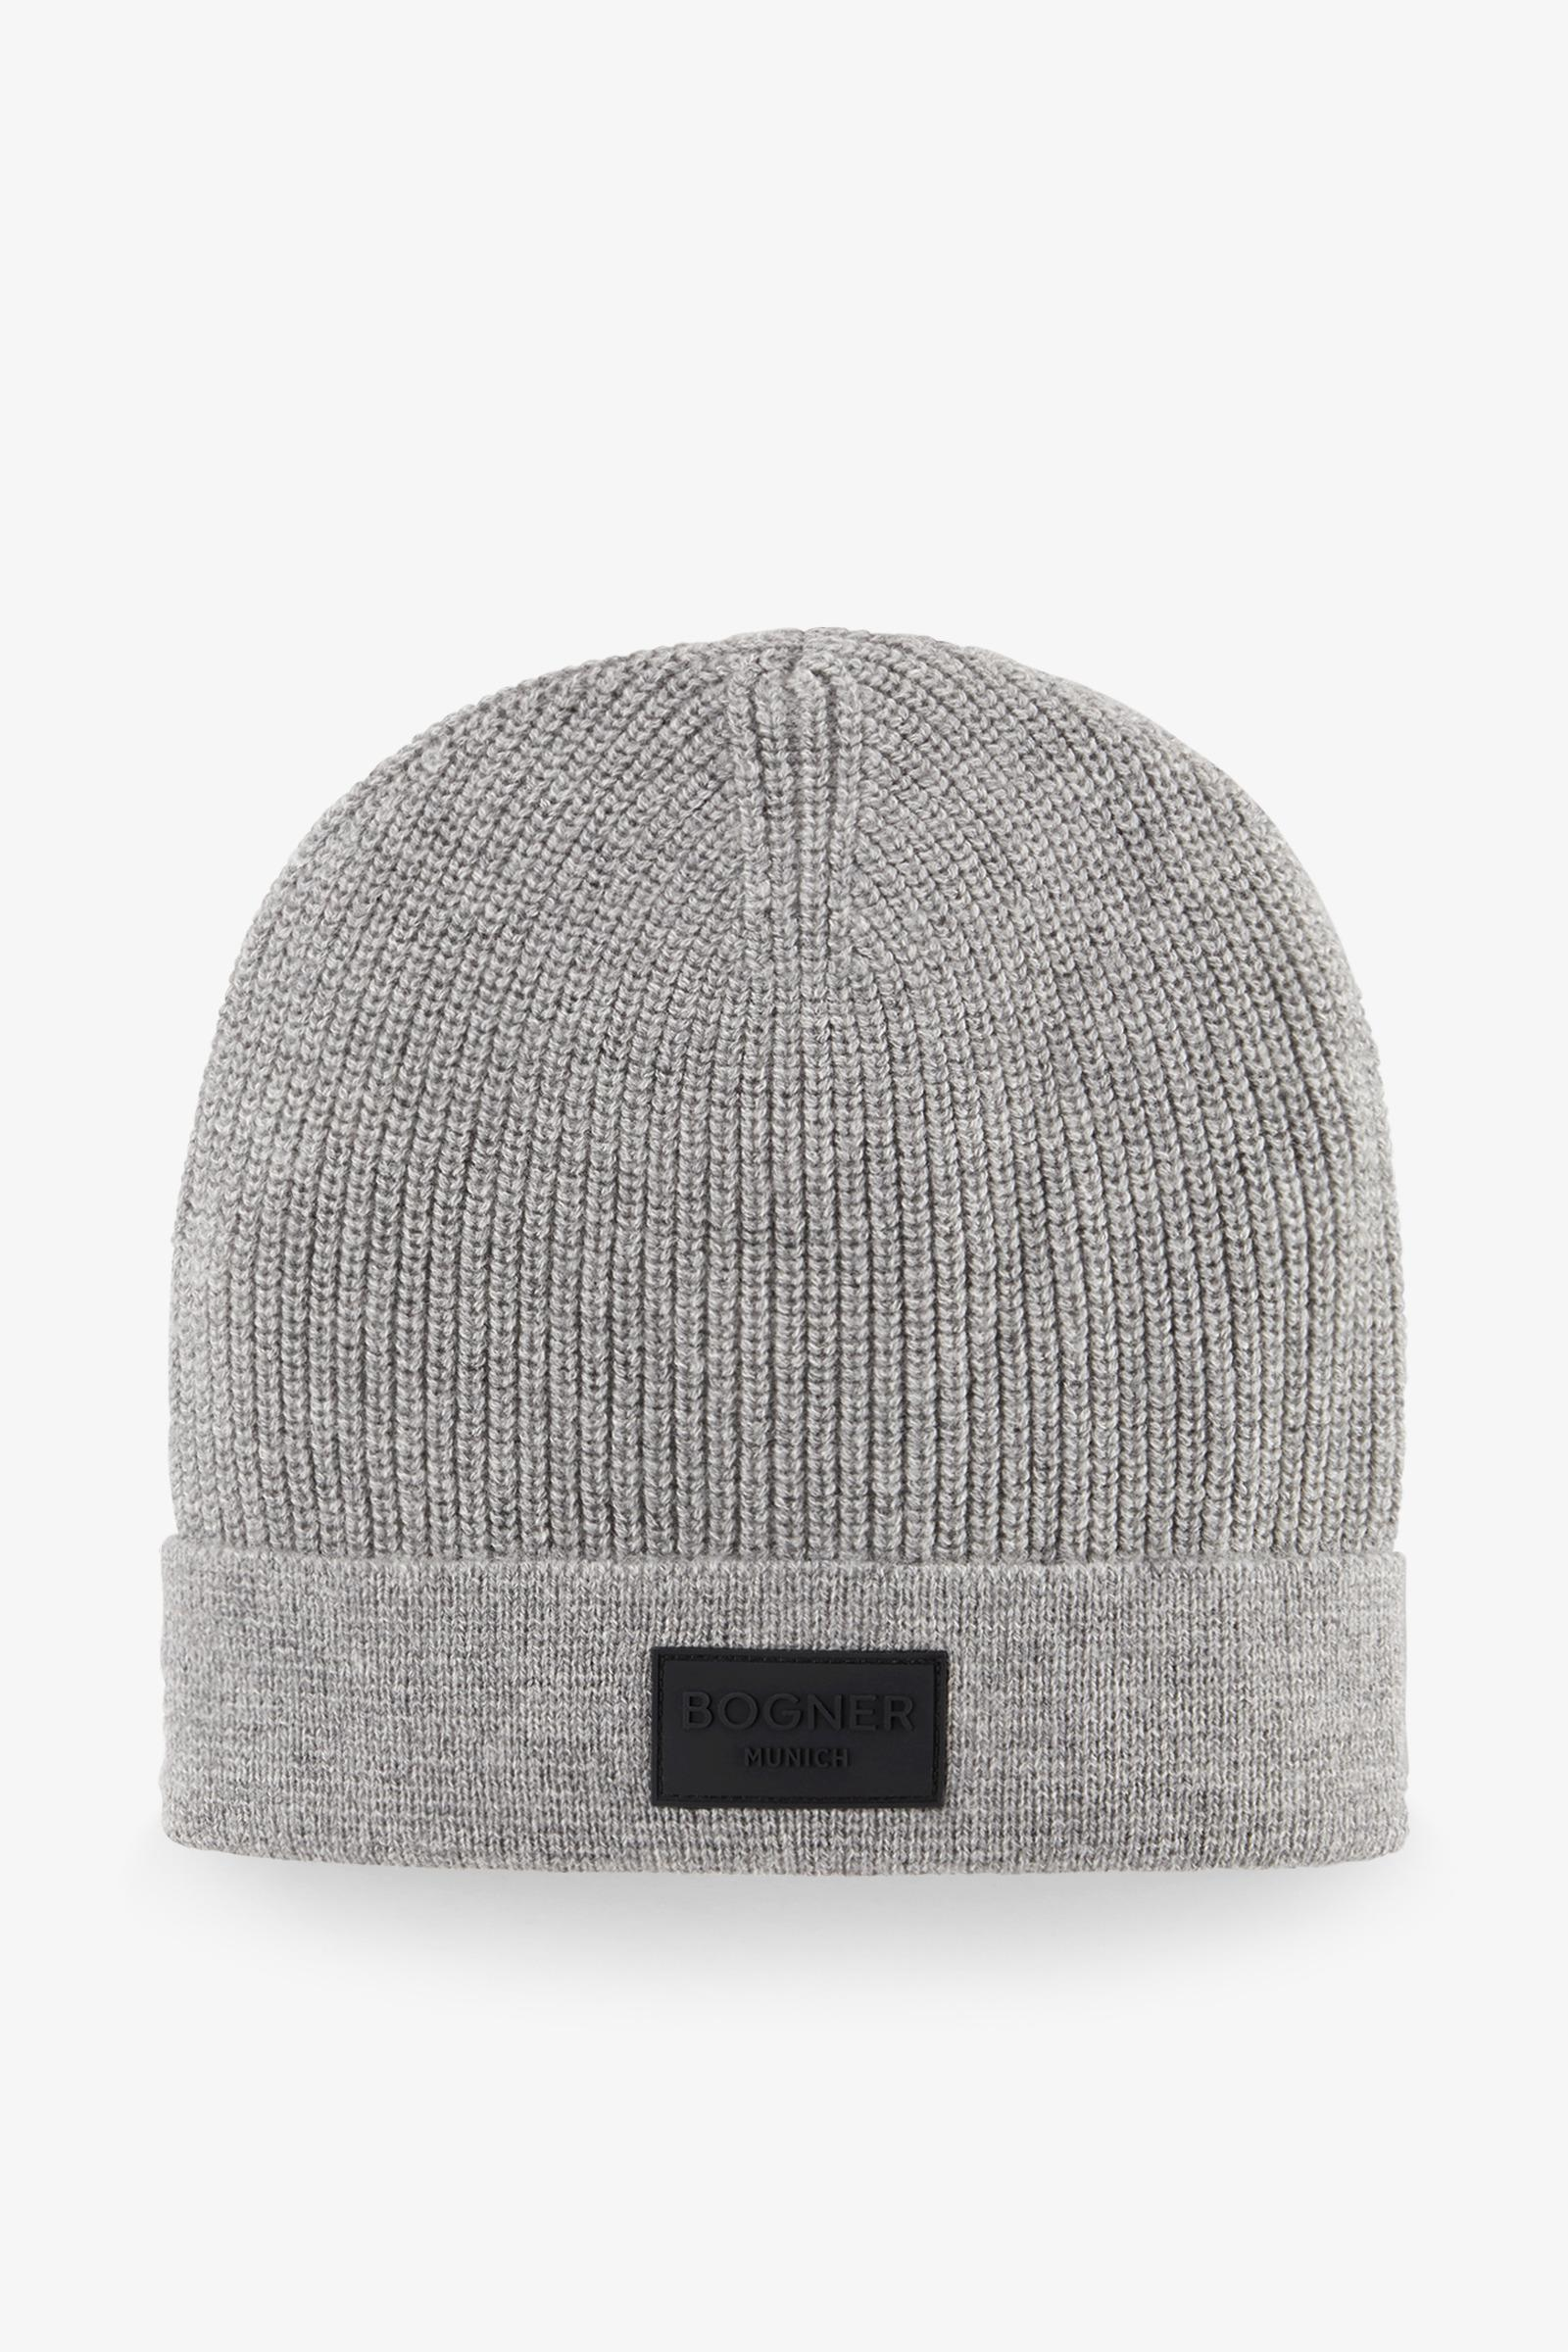 218d31f45e1 Bogner - Philip Knitted Hat In Husky Gray for Men - Lyst. View fullscreen